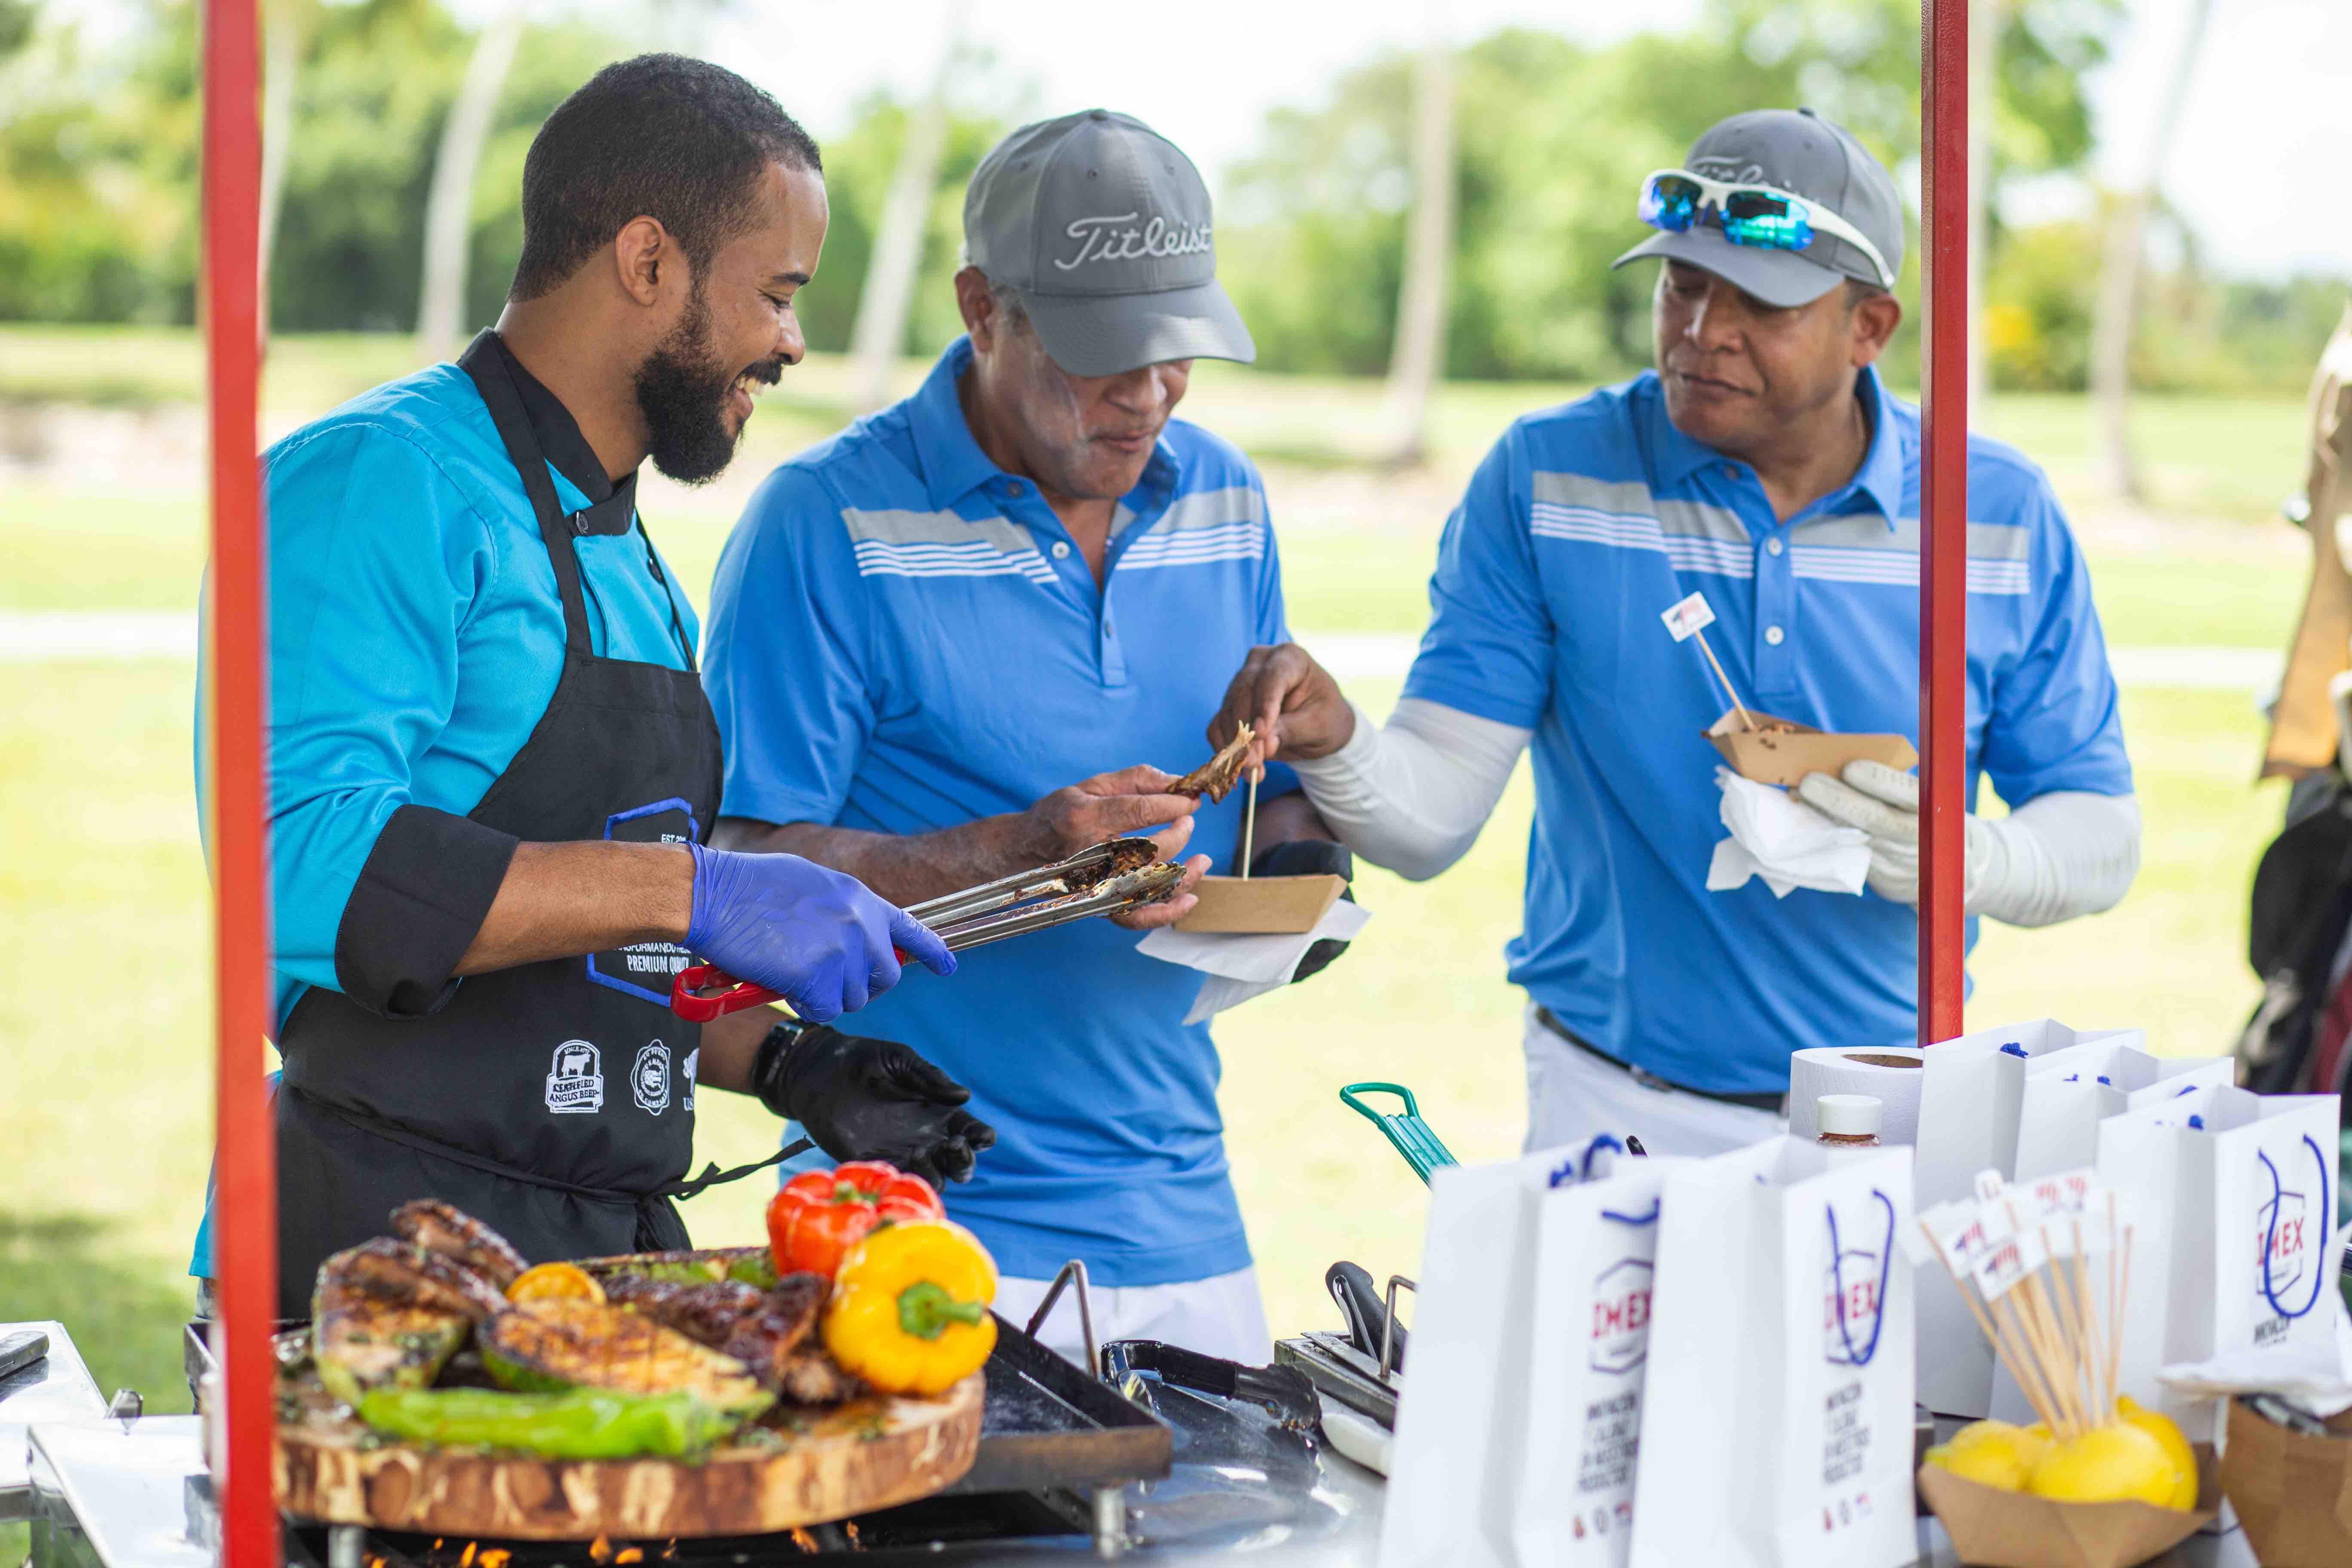 El chef sirve sus platos a los golfistas